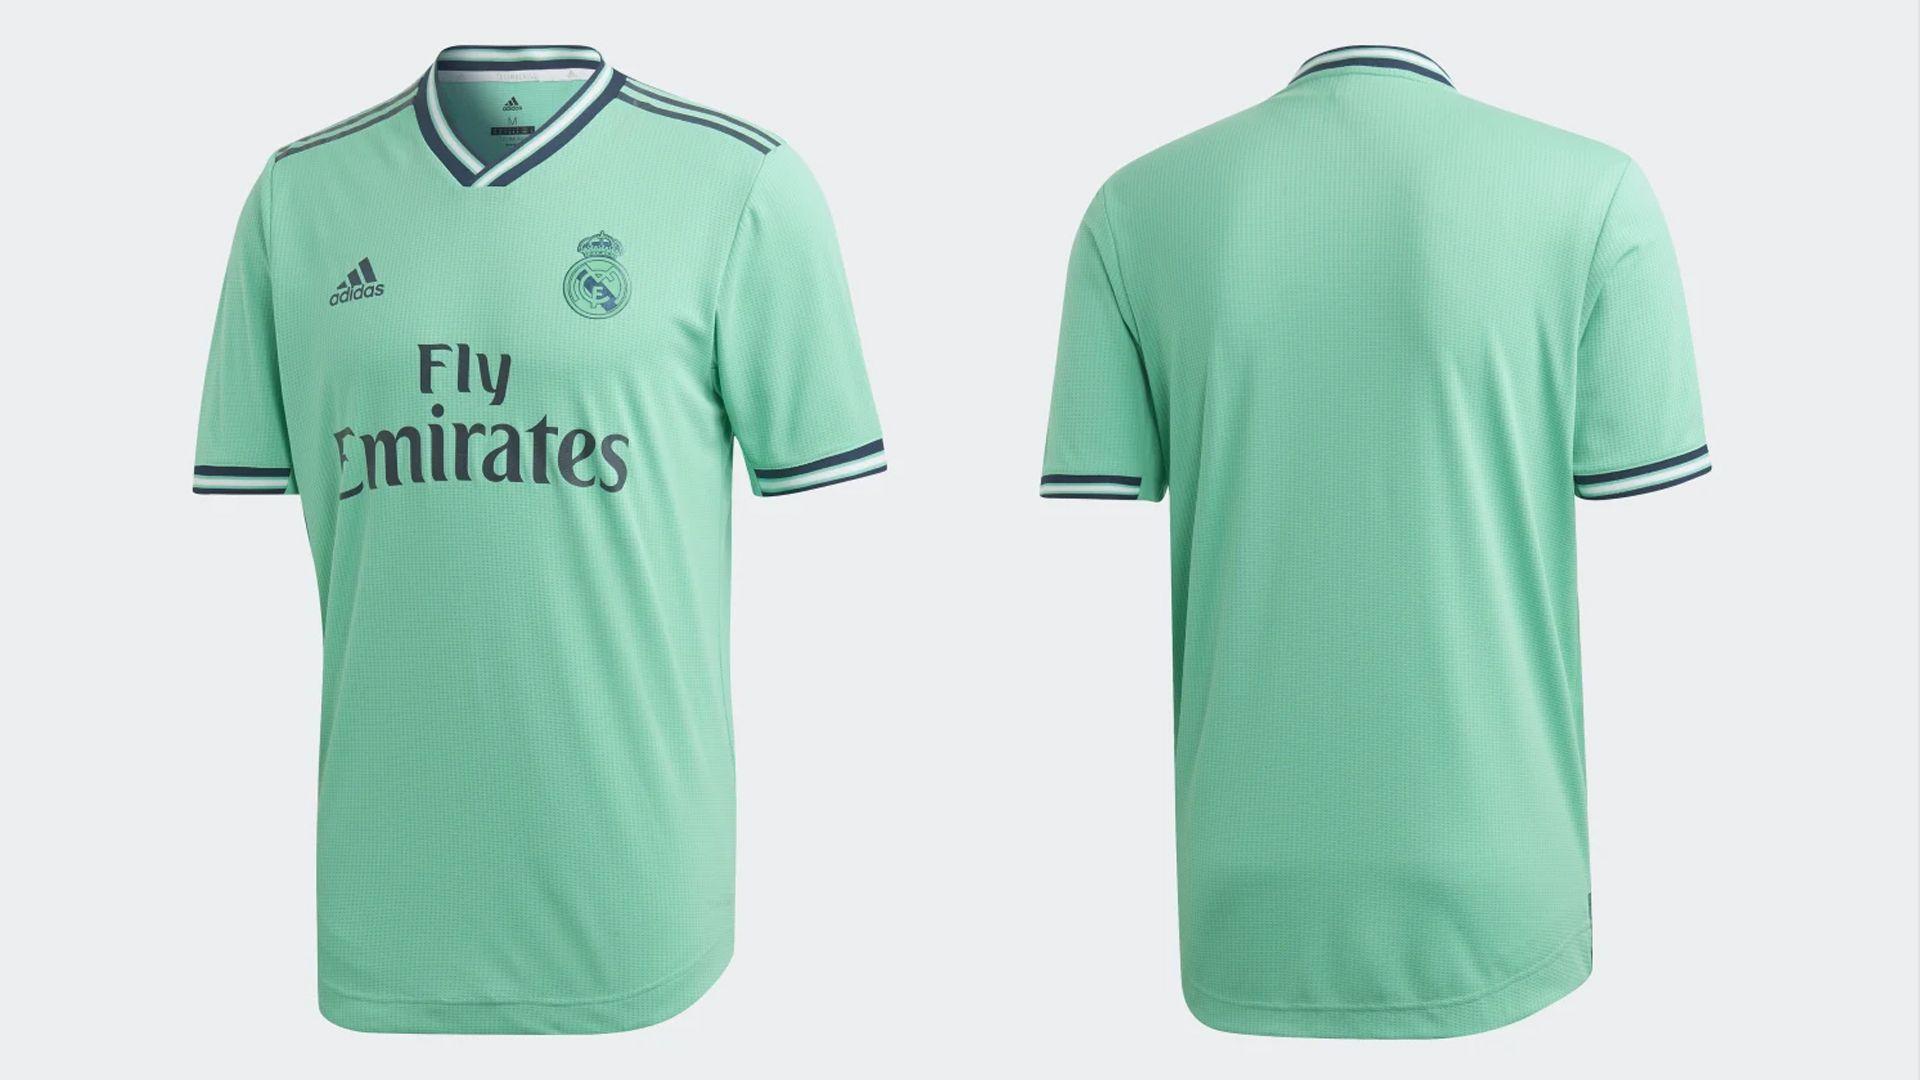 Camisa do Real Madrid Verde (Imagem: Divulgação/Adidas)